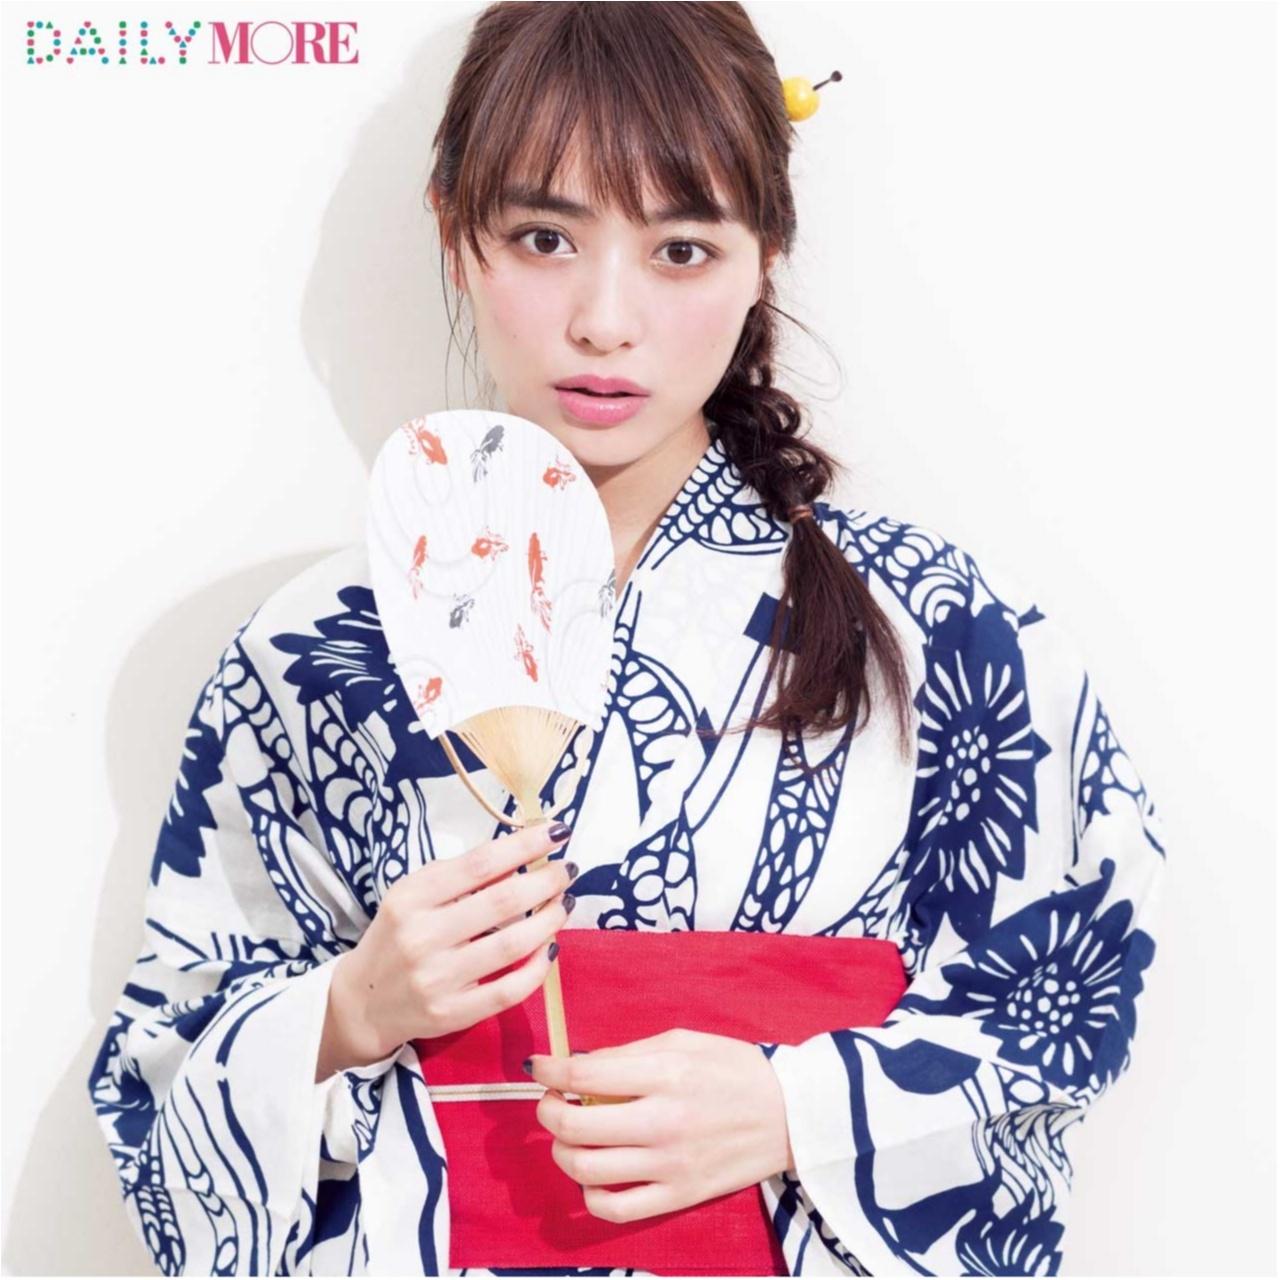 内田理央出演! 大人気ヘア&メイク『イガリシノブ』さんのメイクまとめ♡_1_9